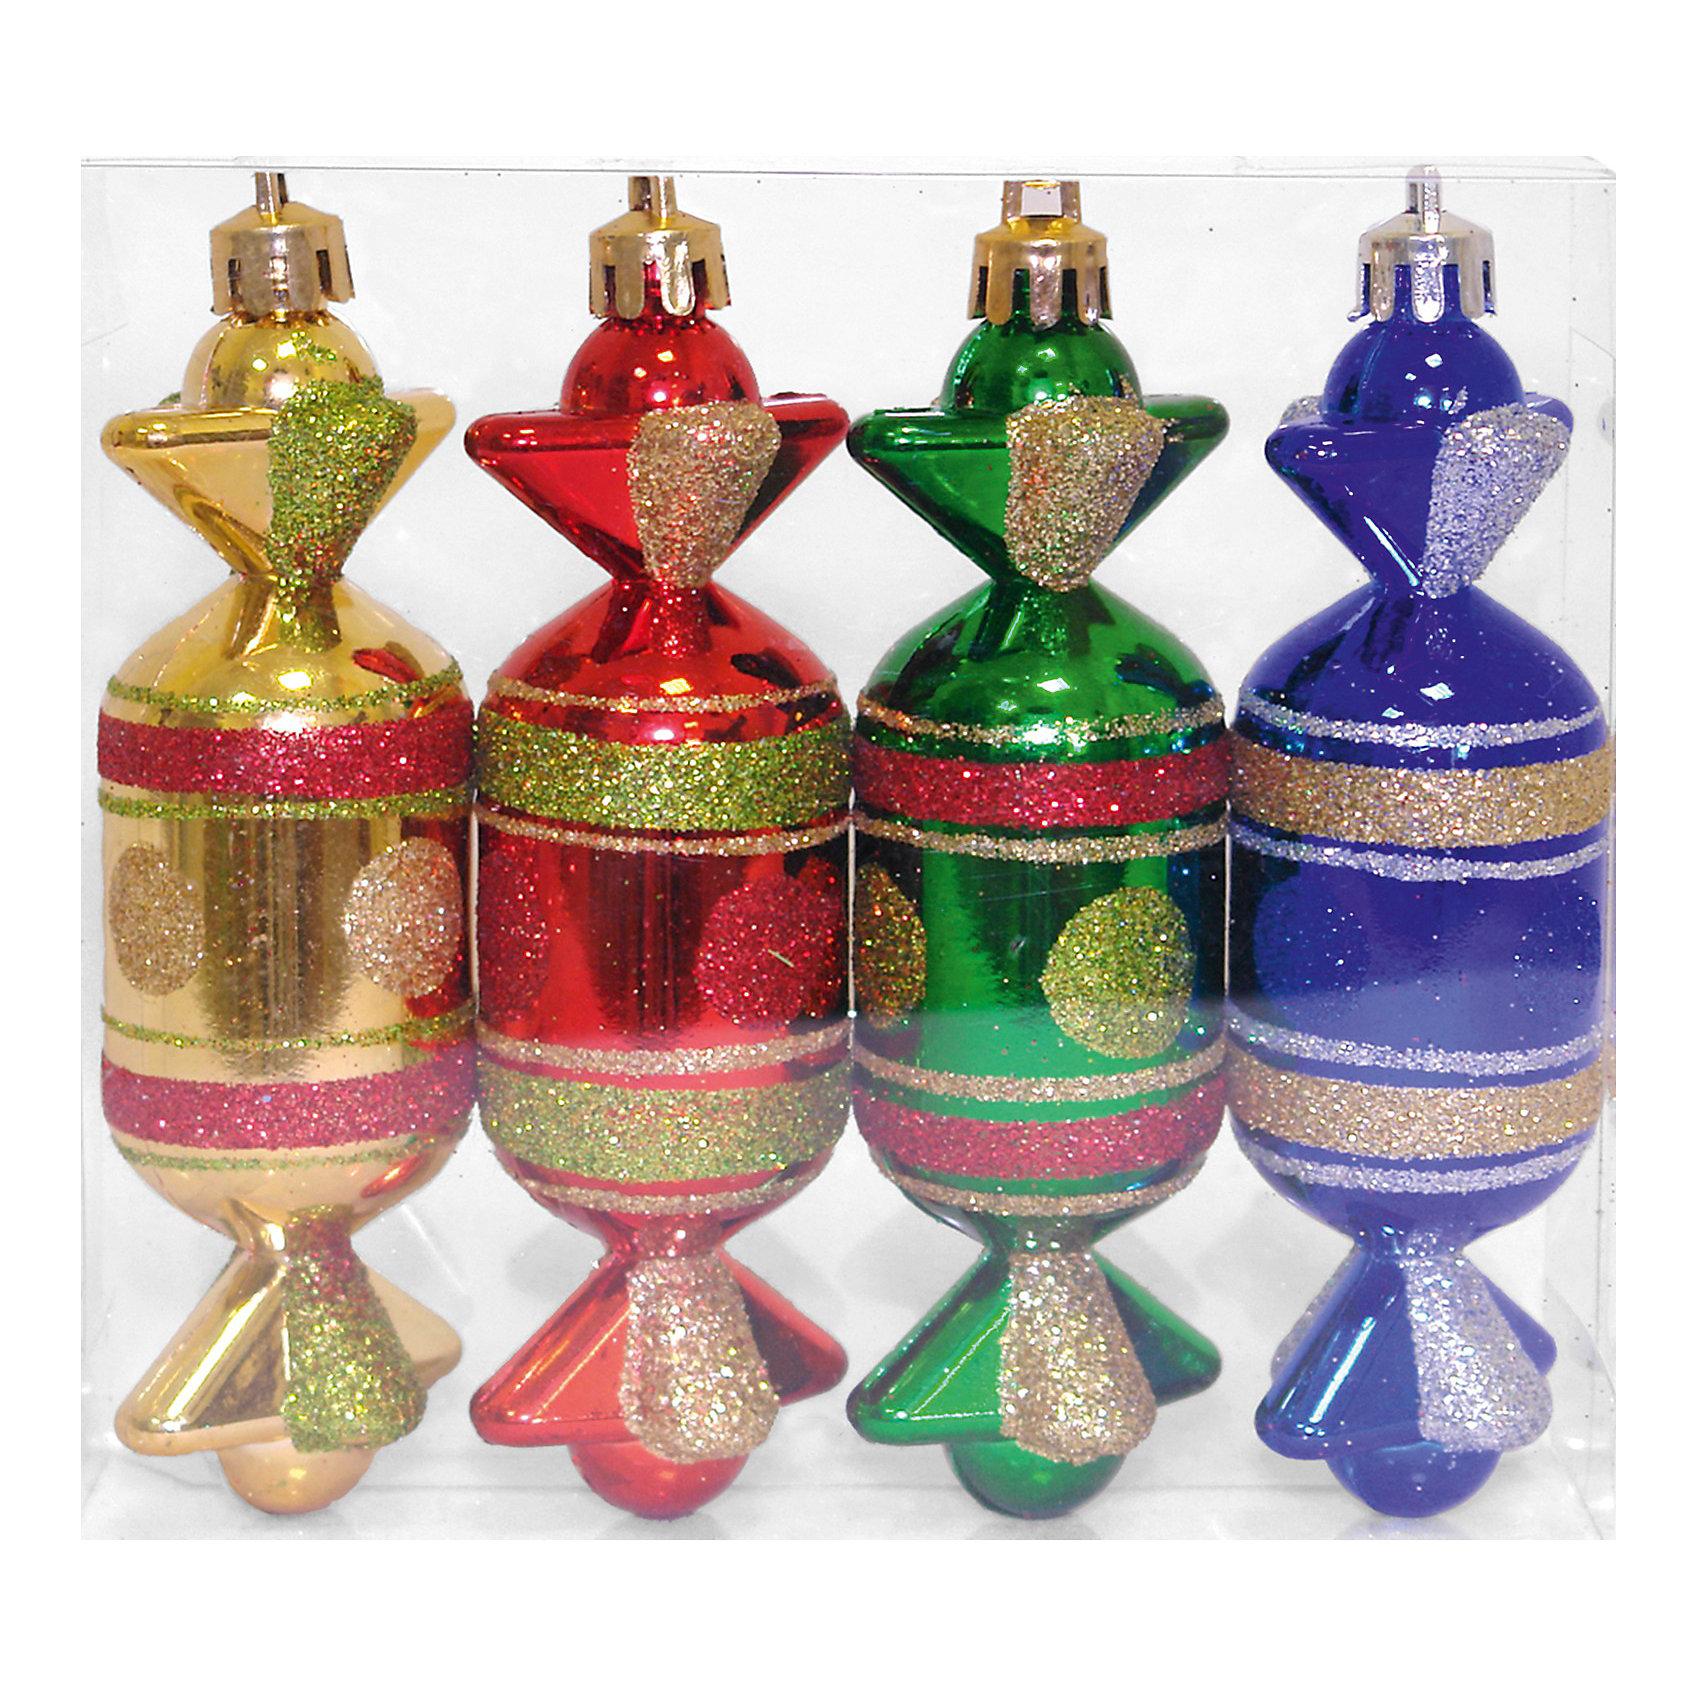 Елочное украшение «Конфеты», 12 см, 4 шт.Елочное украшение Конфеты, Волшебная страна замечательно дополнит наряд Вашей новогодней елки и поможет создать праздничную радостную атмосферу. Украшения<br>выполнены в виде разноцветных конфет, они будут чудесно смотреться на елке и радовать детей и взрослых. Игрушки упакованы в прозрачную коробочку из ПВХ,<br><br>Дополнительная информация:<br><br>- В комплекте: 4 шт.<br>- Размер украшения: 12 см.<br>- Размер упаковки: 12,5 x 3,3 x 13,5 см.<br>- Вес: 66 гр.<br><br>Елочное украшение Конфеты, Волшебная страна можно купить в нашем интернет-магазине.<br><br>Ширина мм: 630<br>Глубина мм: 30<br>Высота мм: 140<br>Вес г: 66<br>Возраст от месяцев: 60<br>Возраст до месяцев: 180<br>Пол: Унисекс<br>Возраст: Детский<br>SKU: 3791355